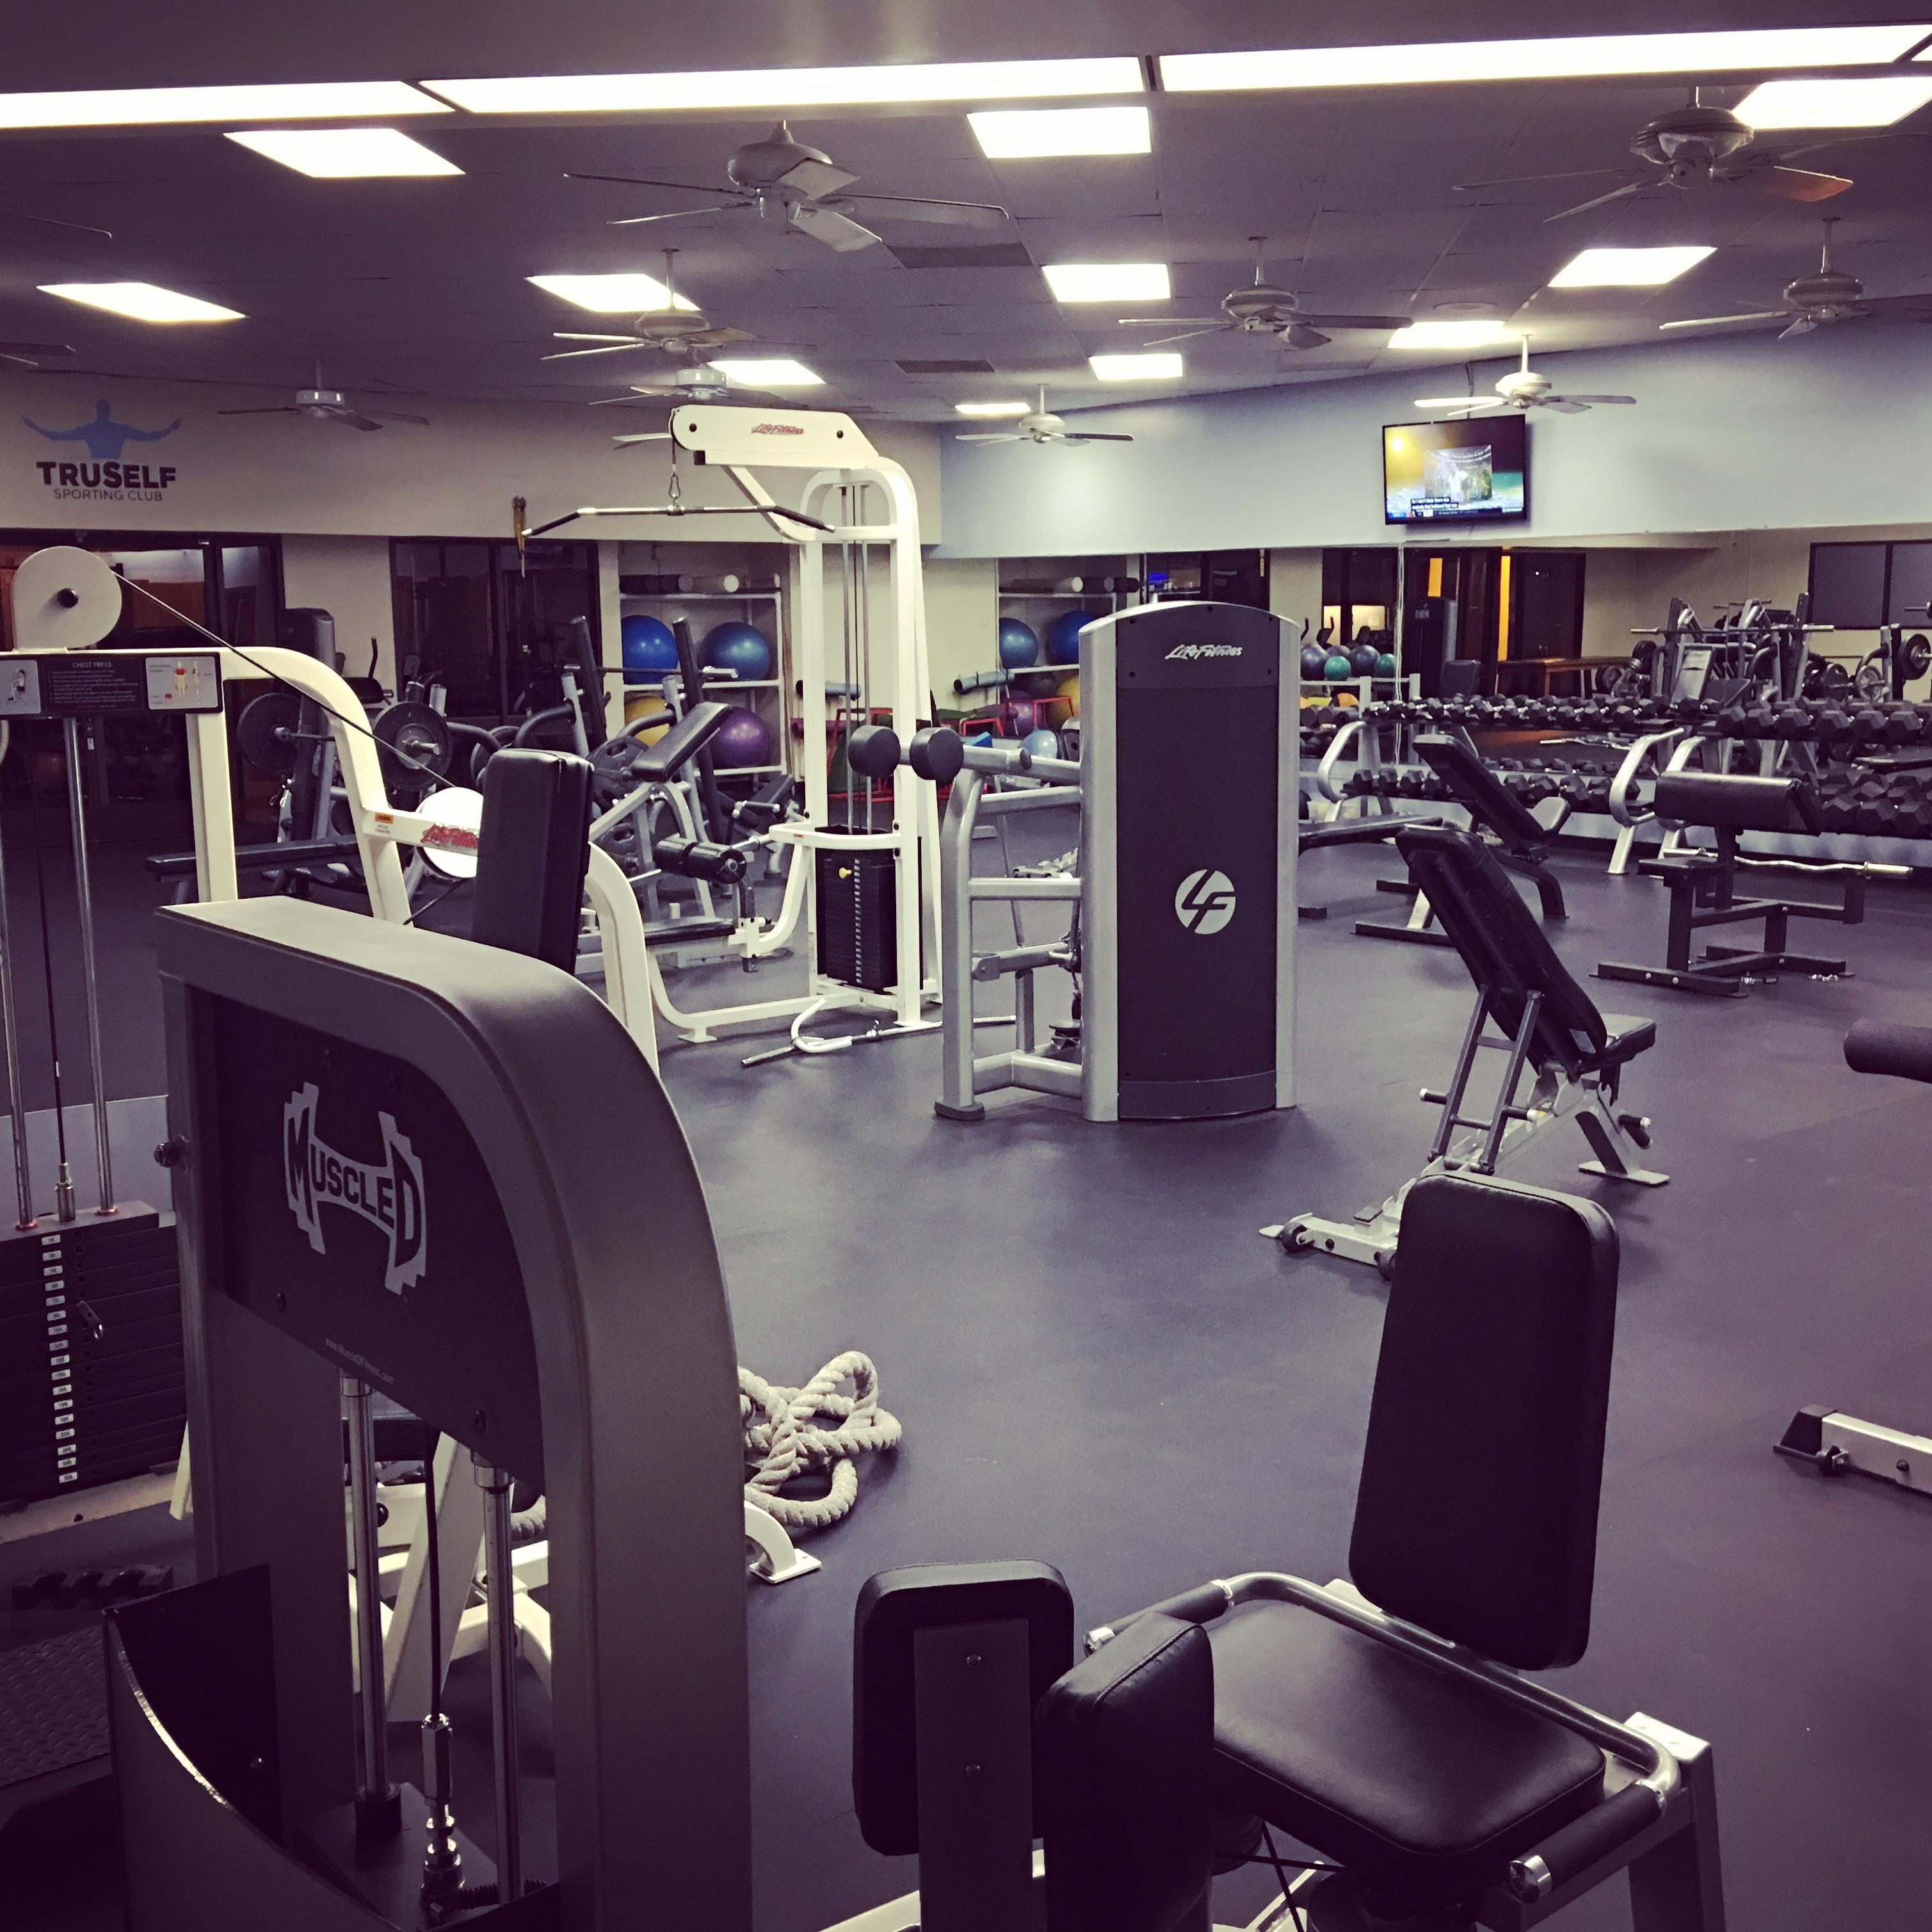 Truselfsportingclub gym gallery